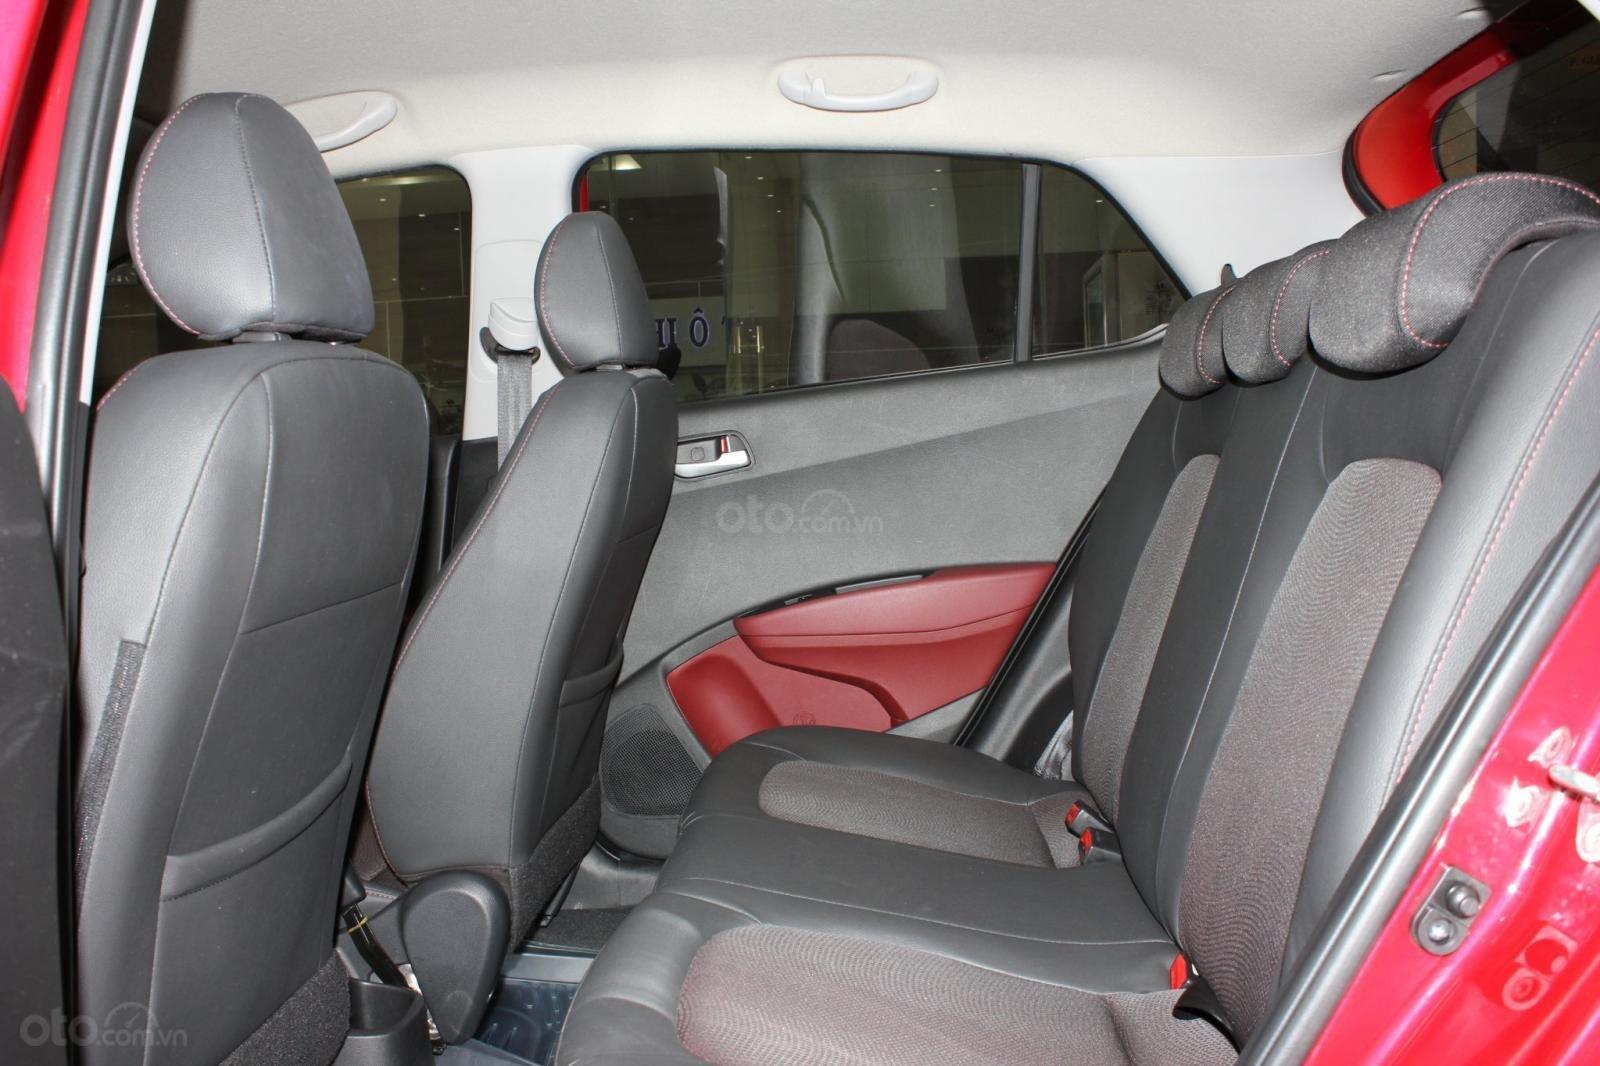 Hot hot hốt ngay Hyundai Grand i10 với giá cực hót và quà tặng hấp dẫn-8